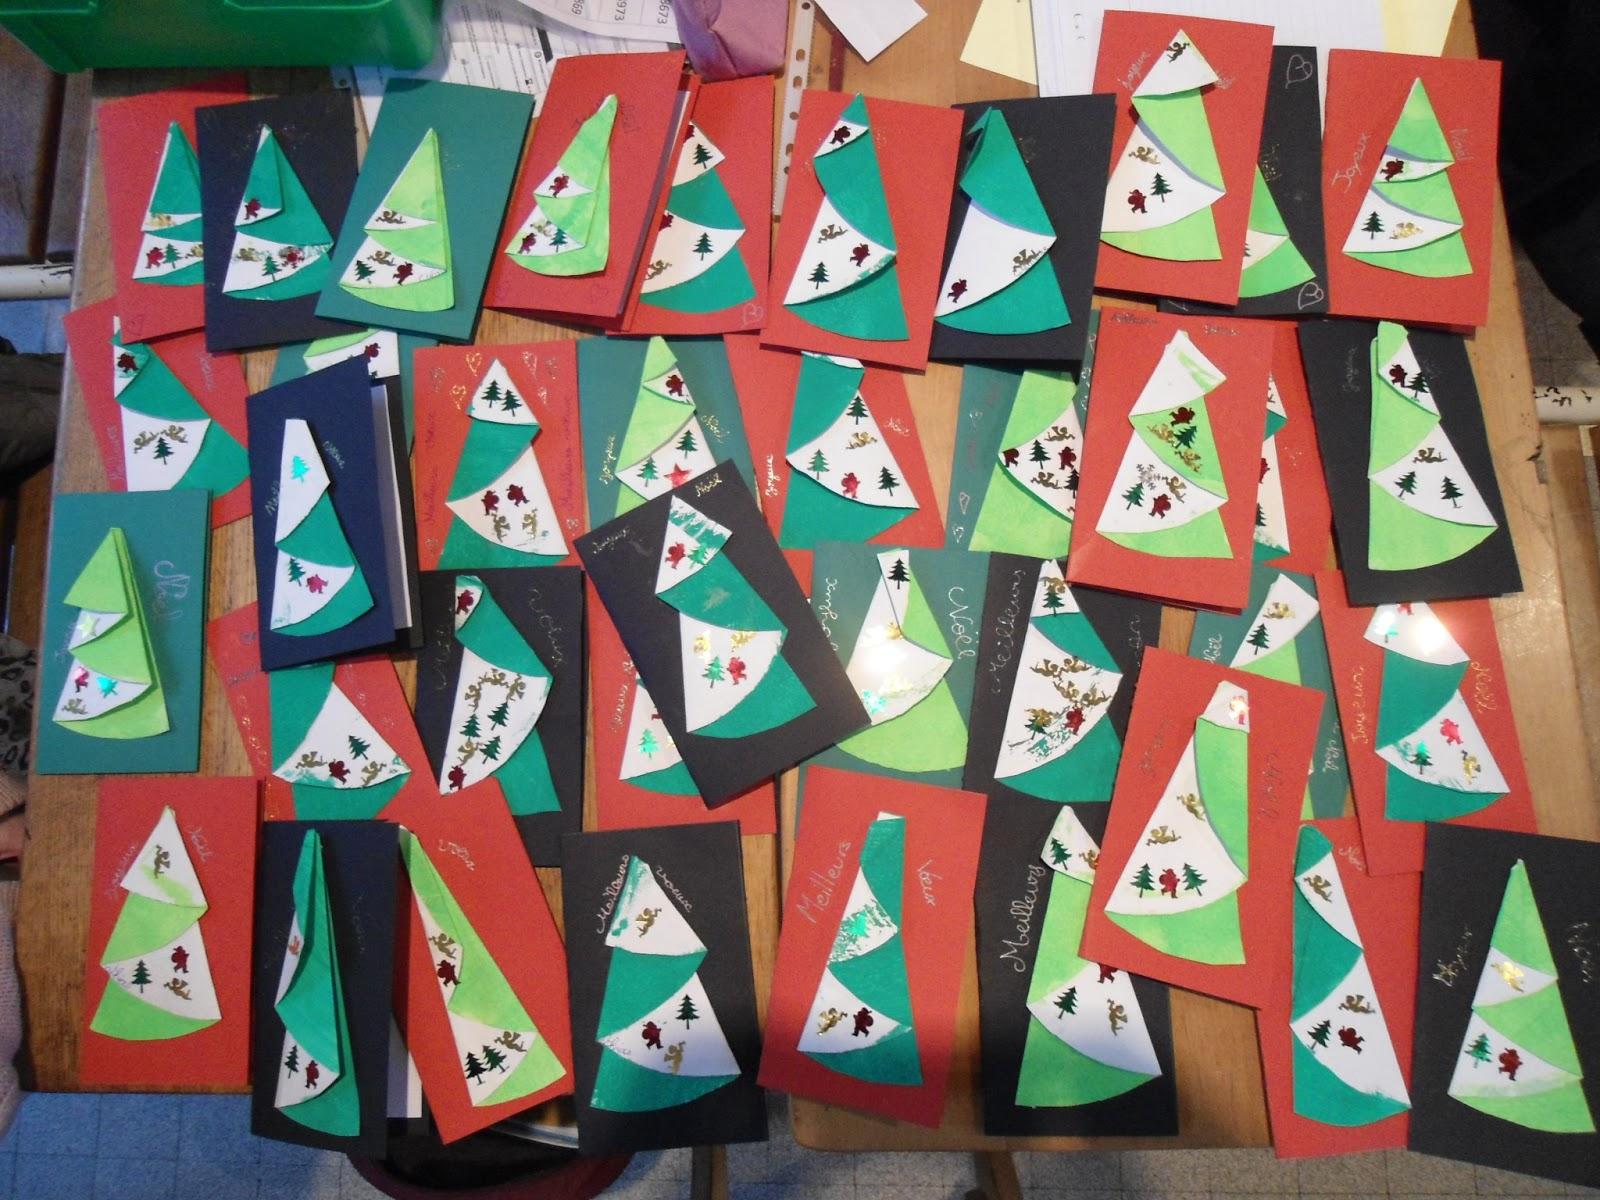 #26877D School Is Cool: Rallye Lien Bricolage De Noël 5293 décorations de noel à fabriquer cp 1600x1200 px @ aertt.com